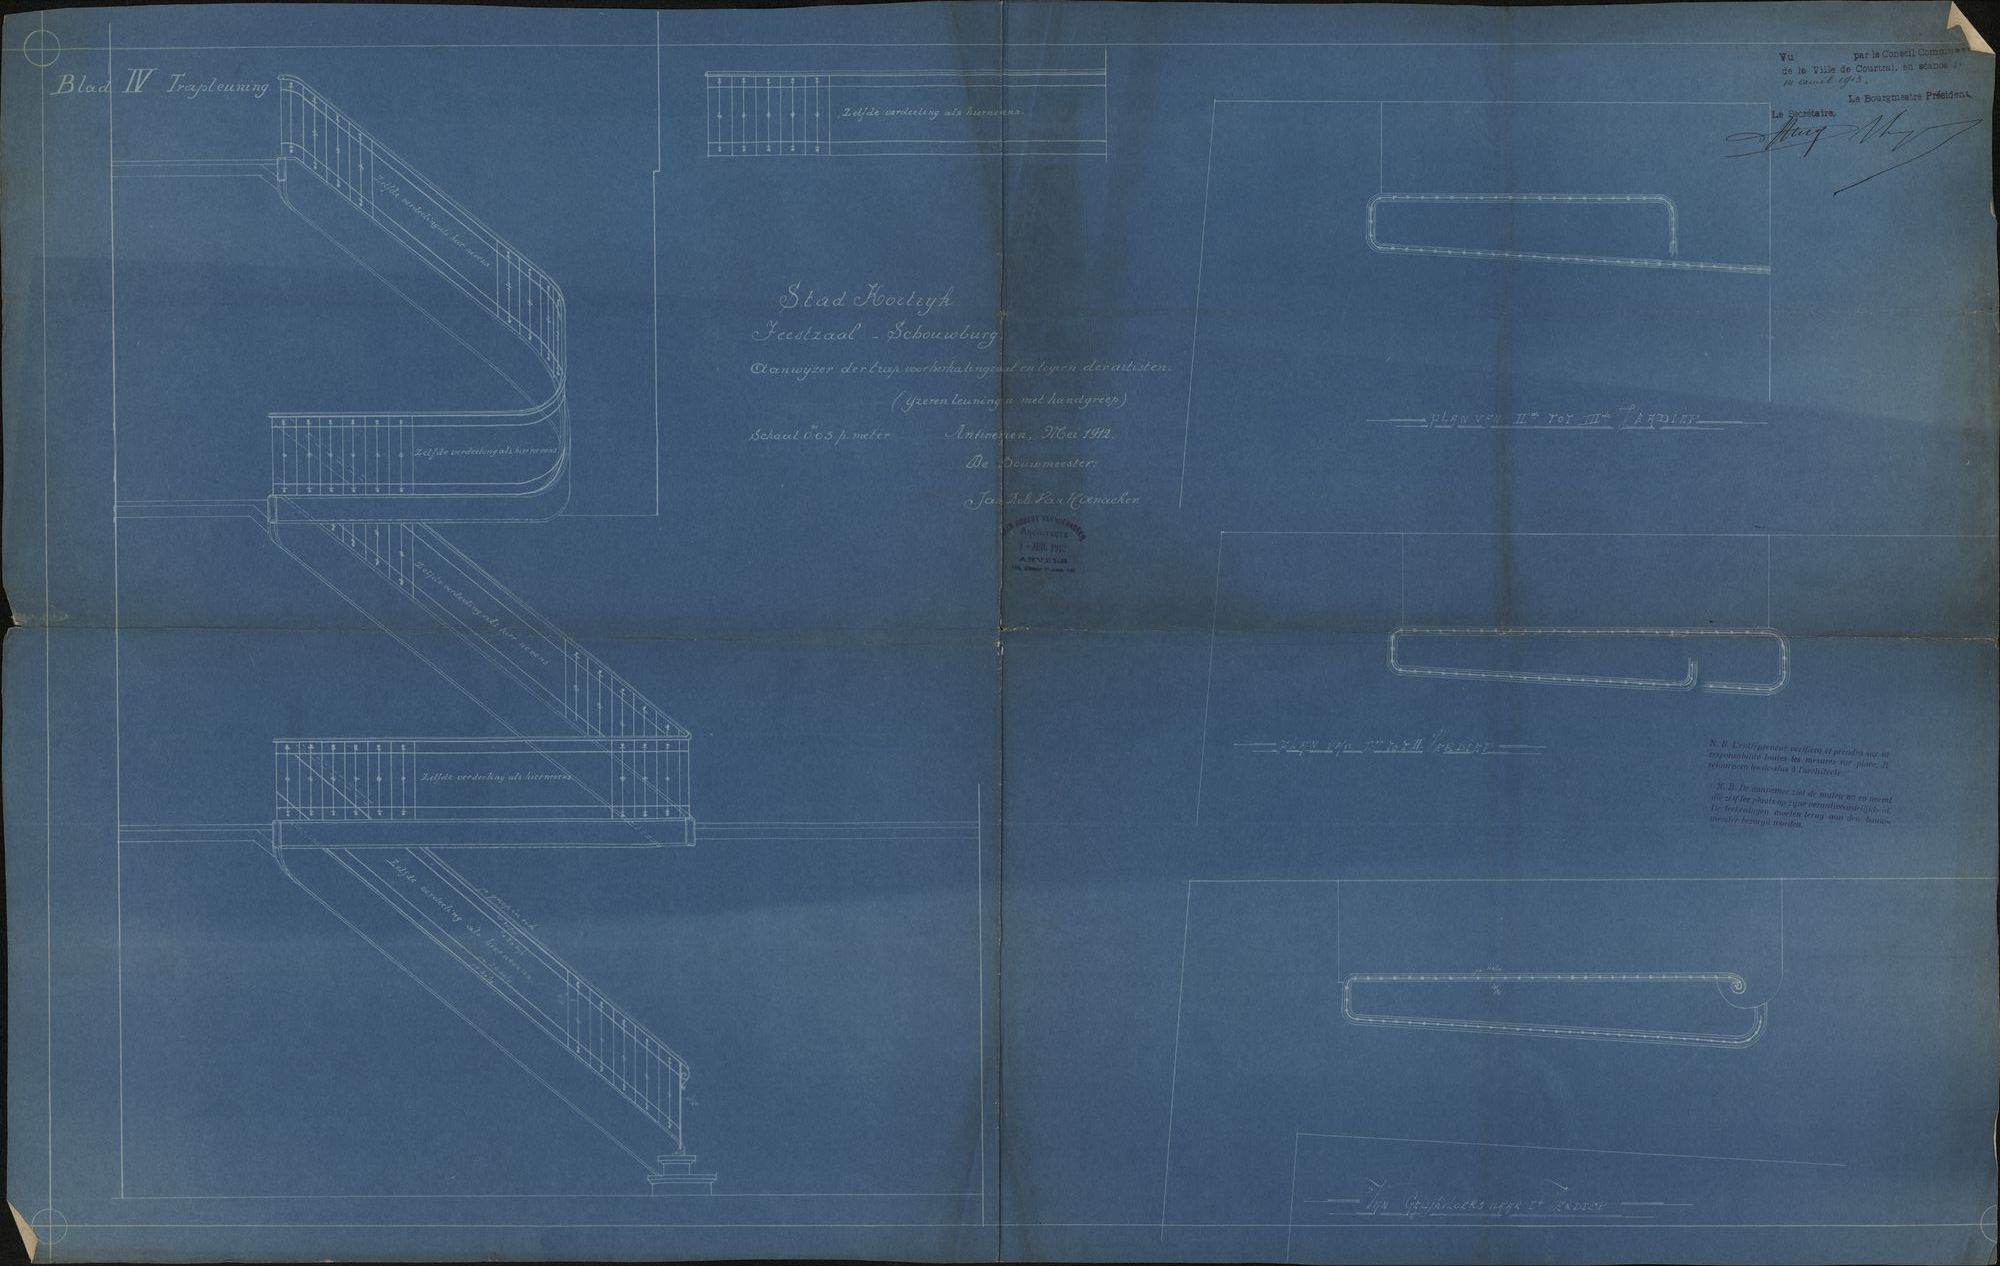 Bouwplannen van de stadsschouwburg te Kortrijk, 1911-1912